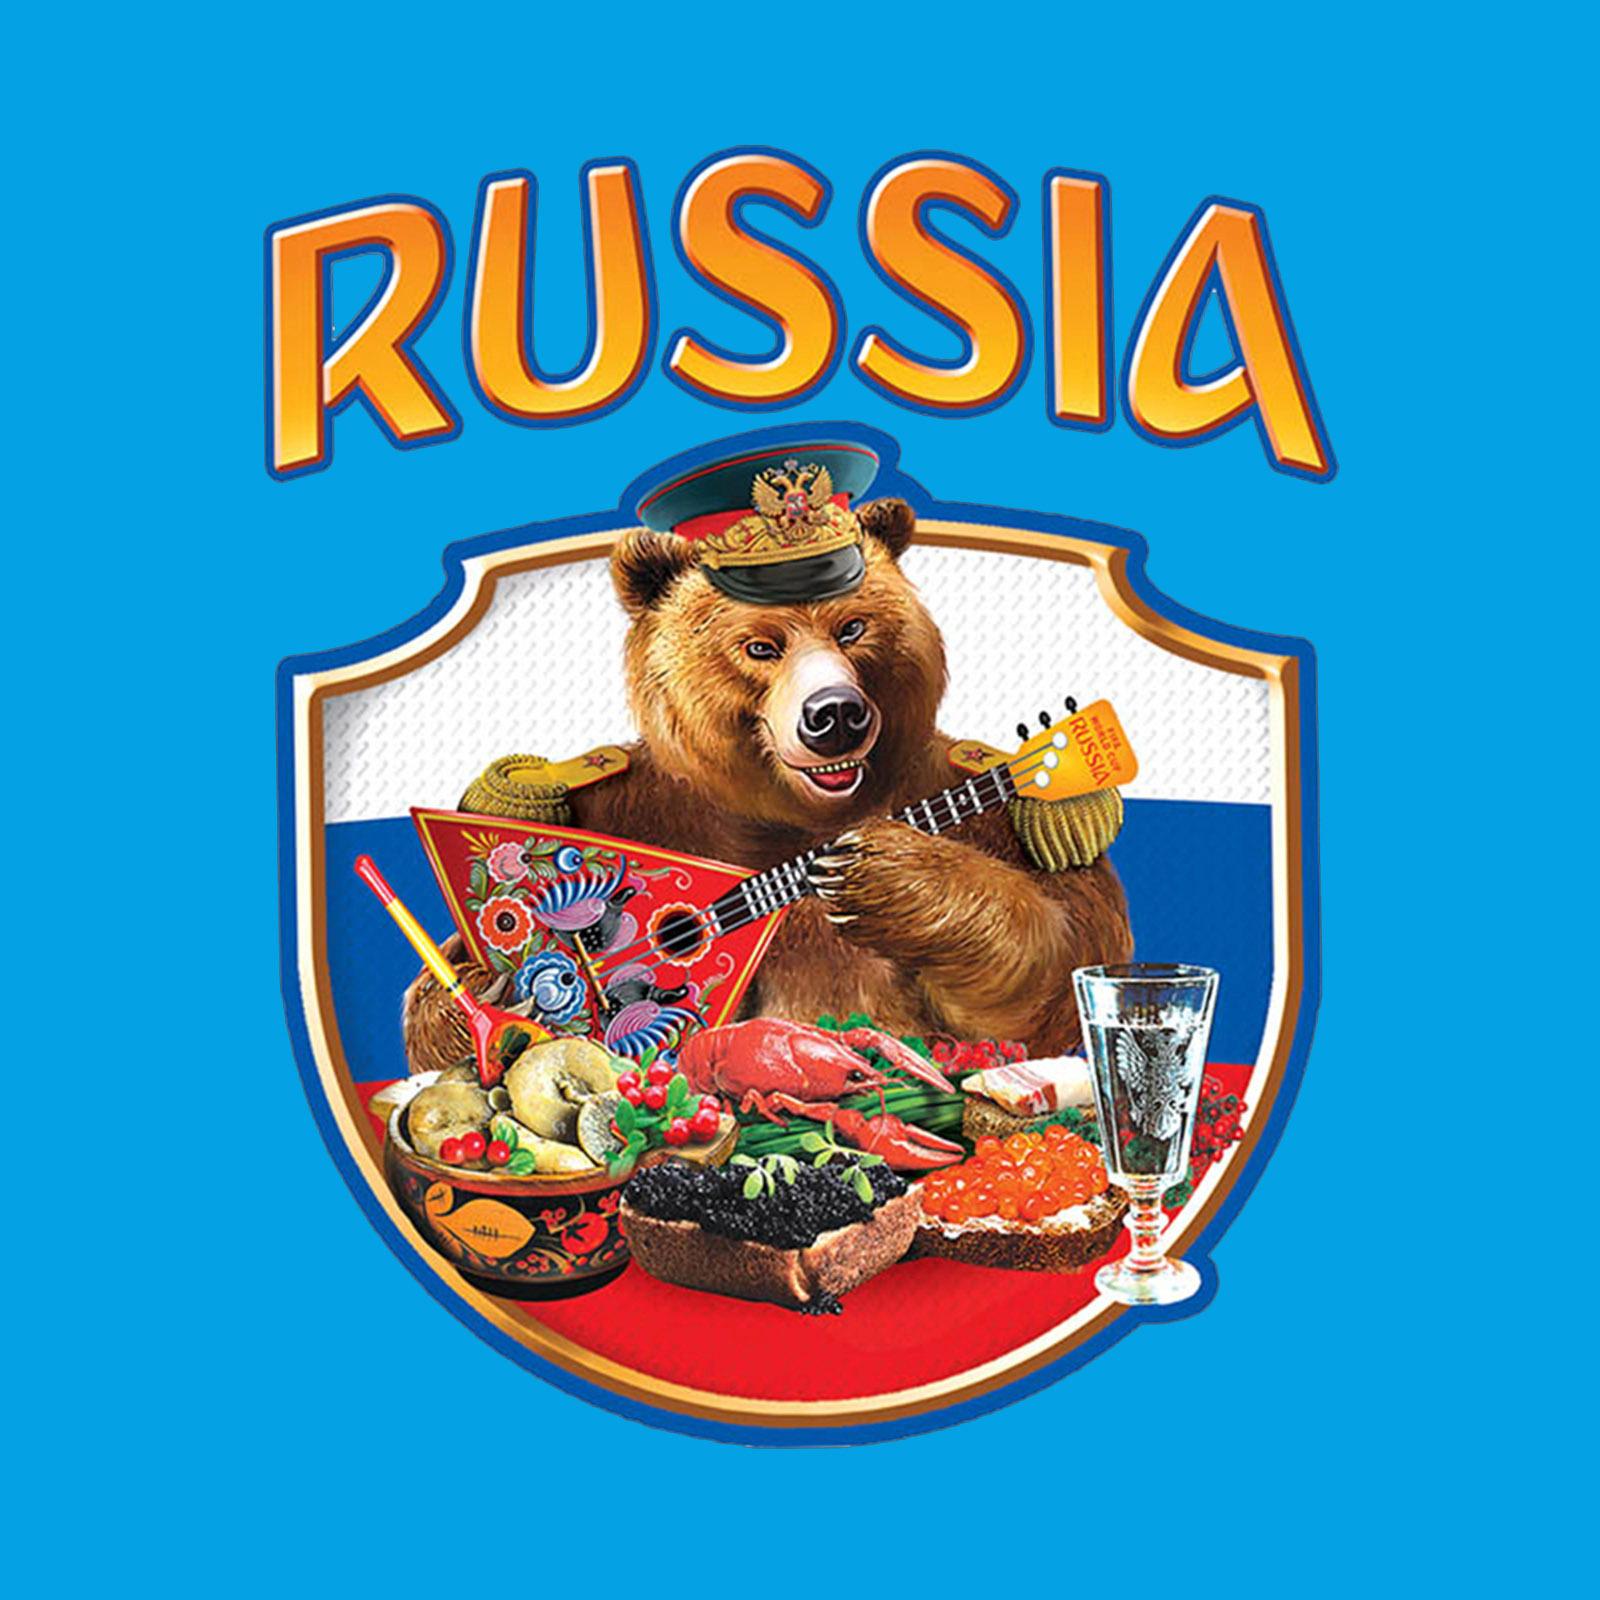 Купить крутую голубую кепку-пятипанельку с термонаклейкой Russia в подарок мужчине